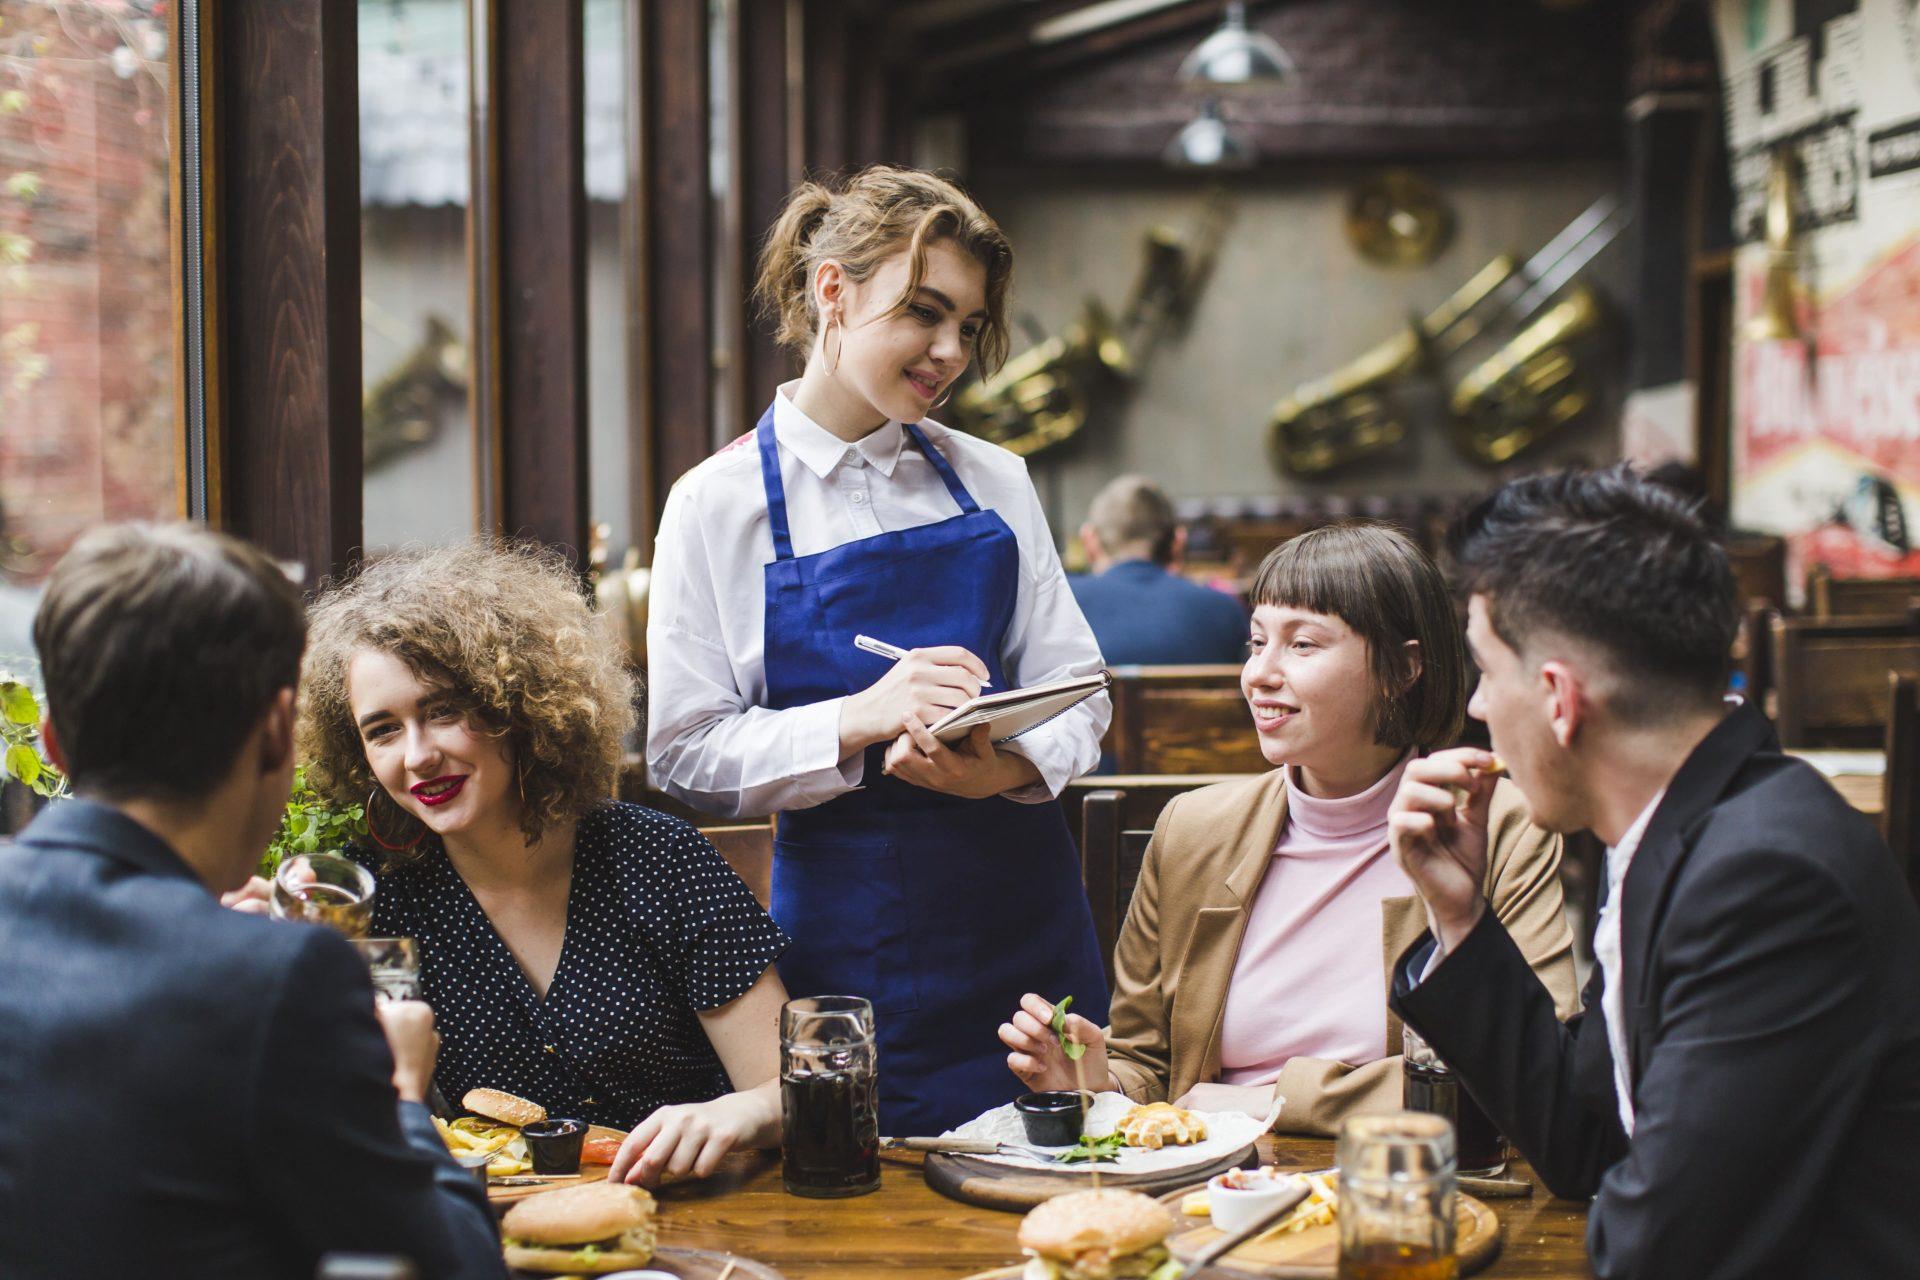 a waitress taking an order